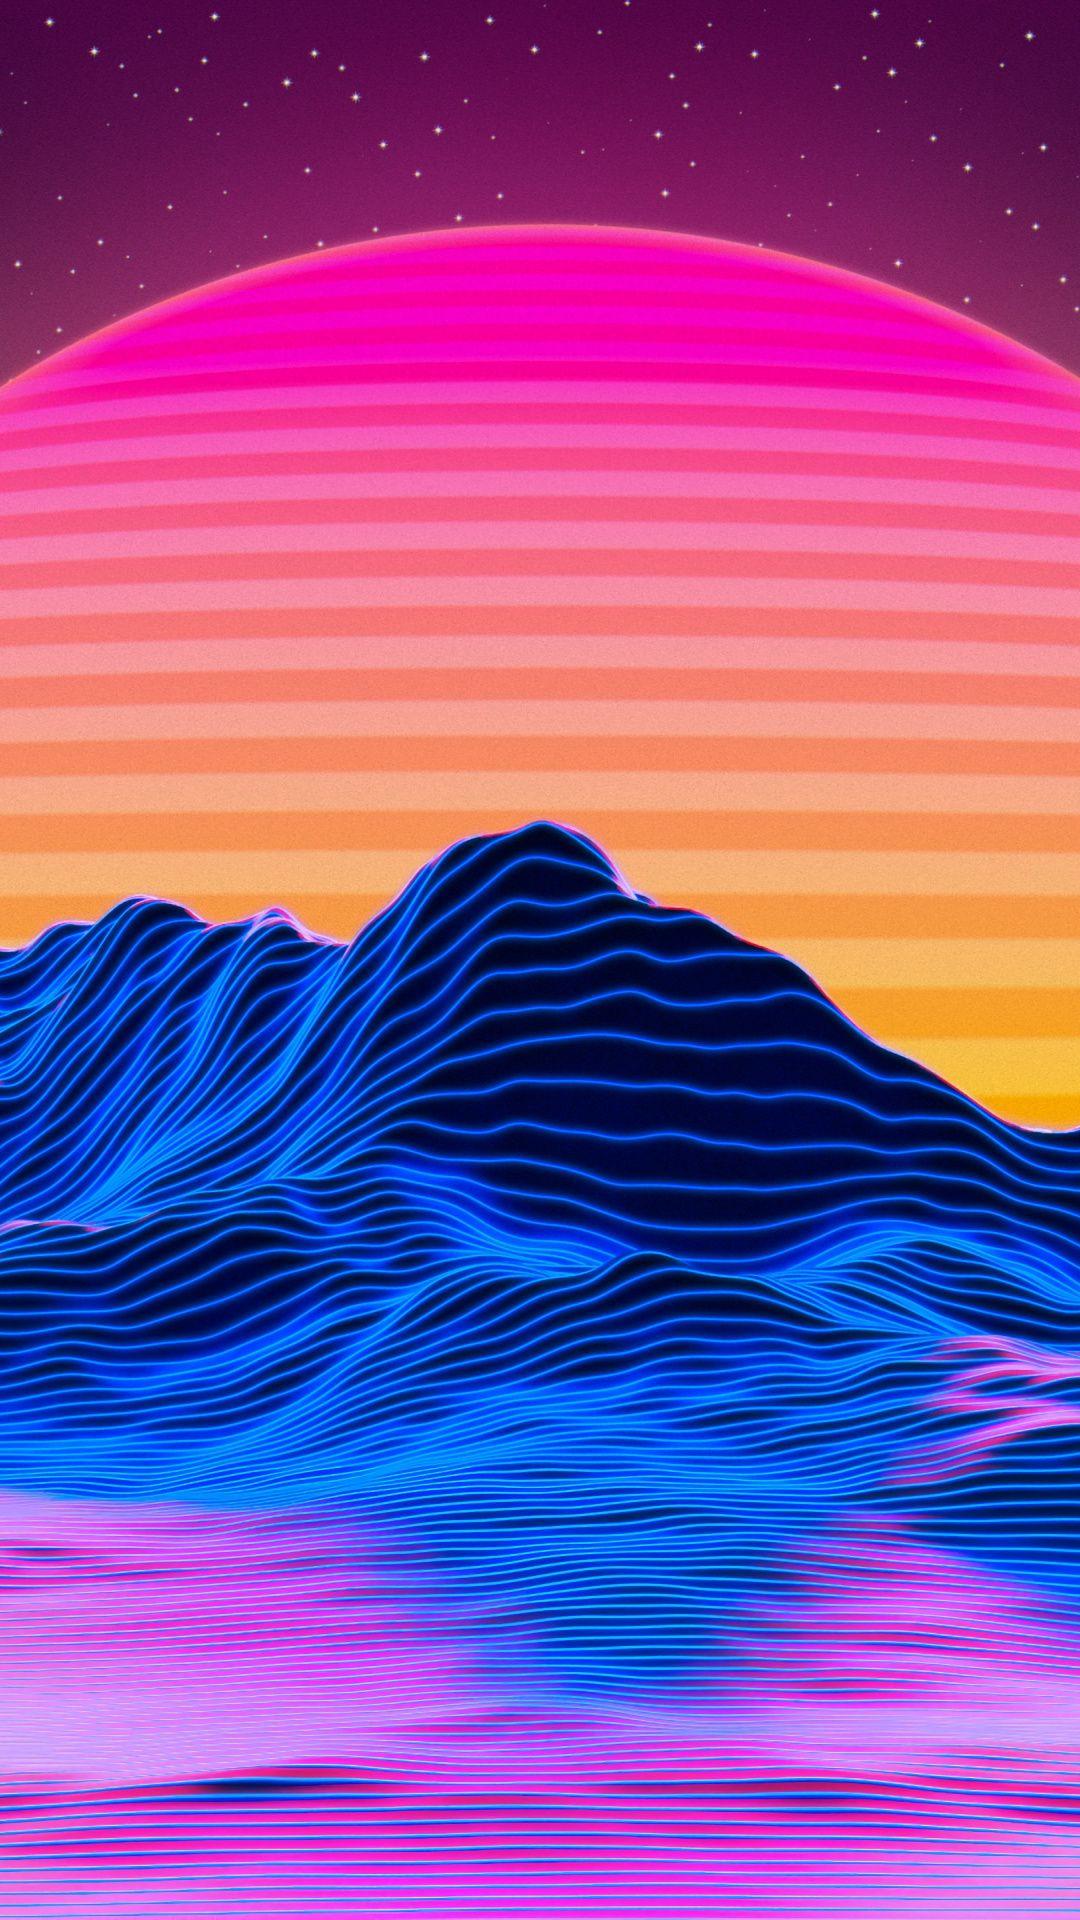 1080x1920 Mountains Landscape Retro Art Sunset Wallpaper Vaporwave Wallpaper Sunset Wallpaper Retro Art